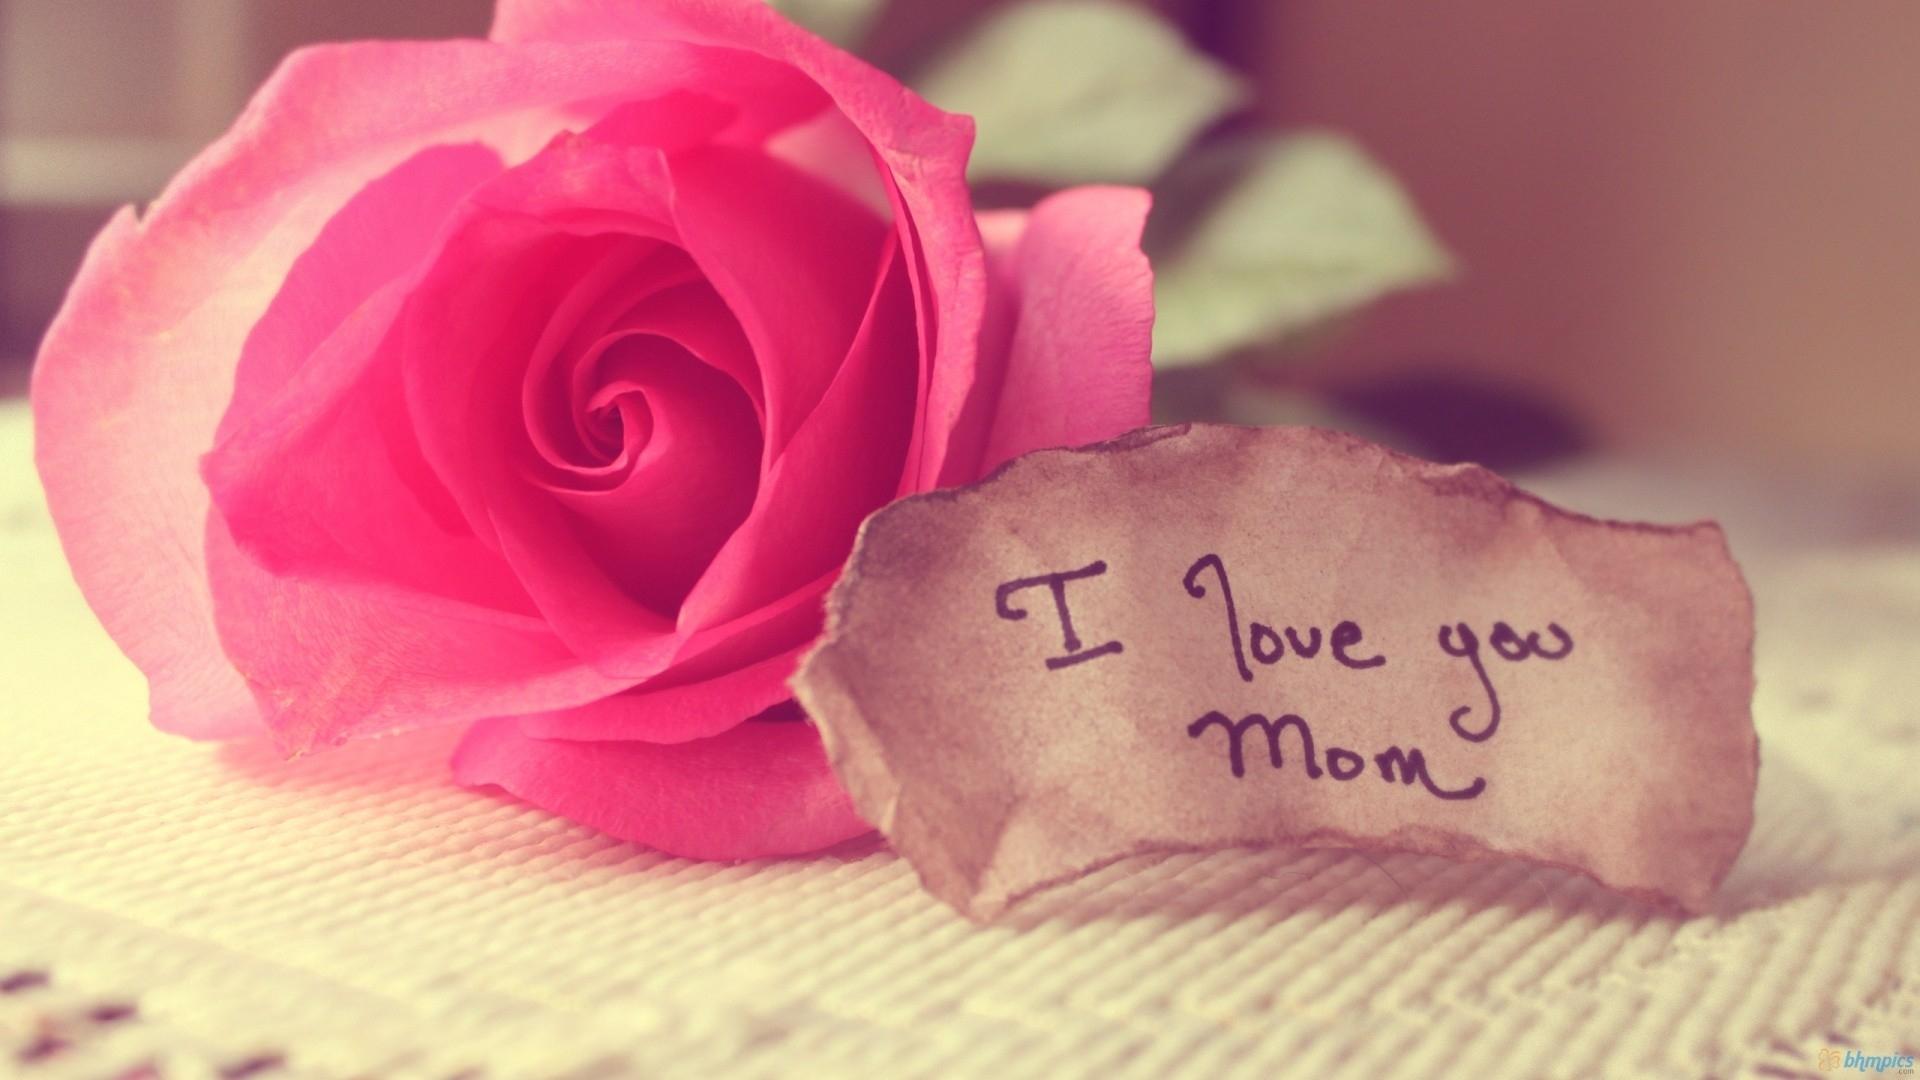 10 Latest I Love You Mom Wallpaper FULL HD 1080p For PC Desktop